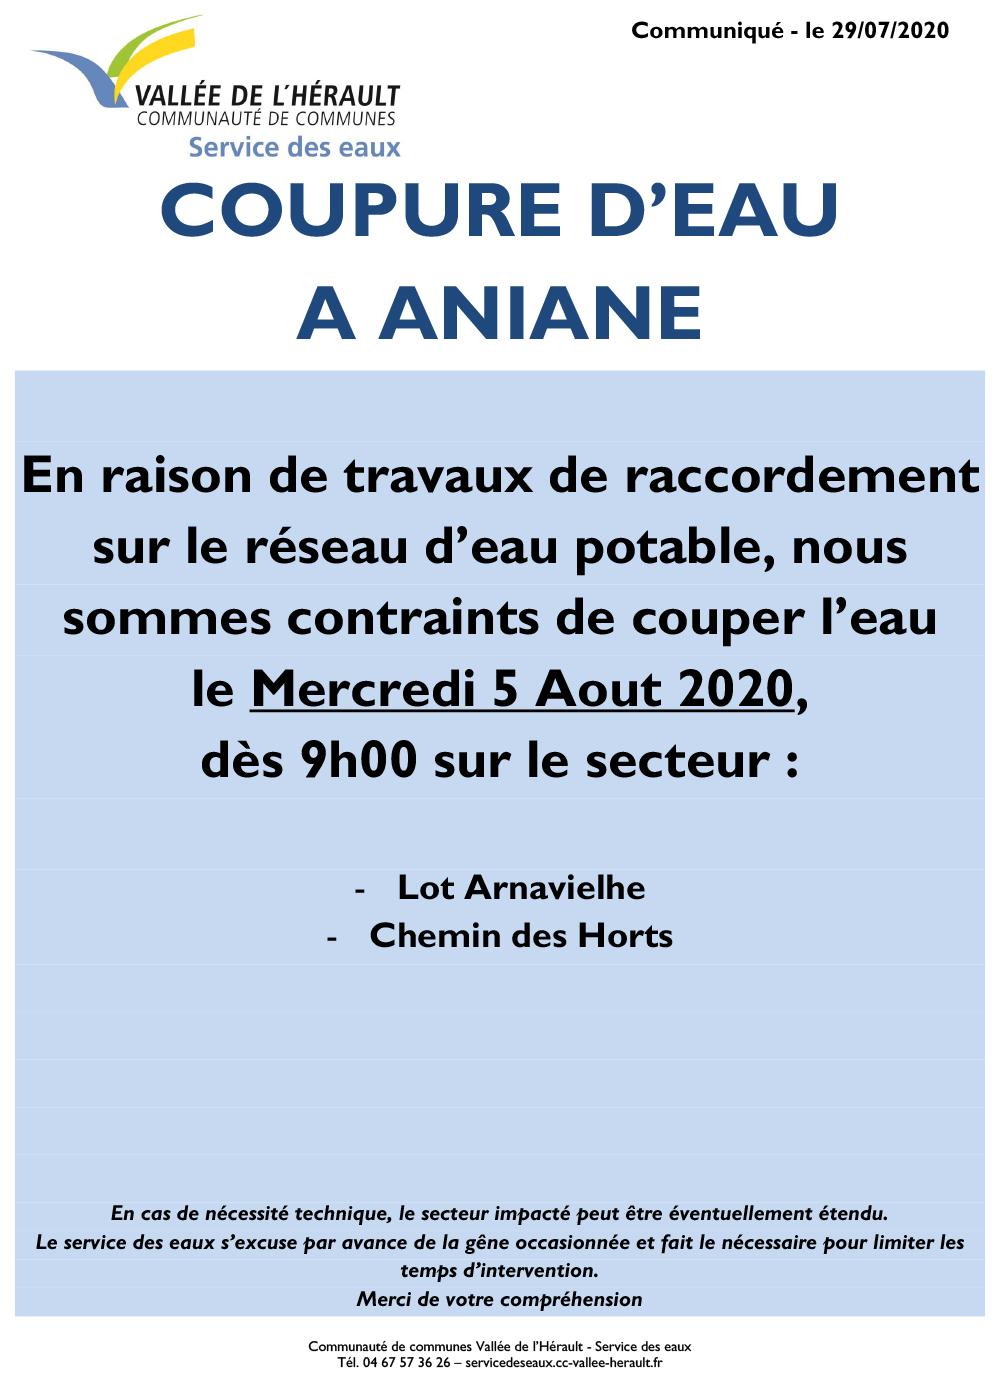 Communiqué Coupure eau 5 08 2020 _Aniane